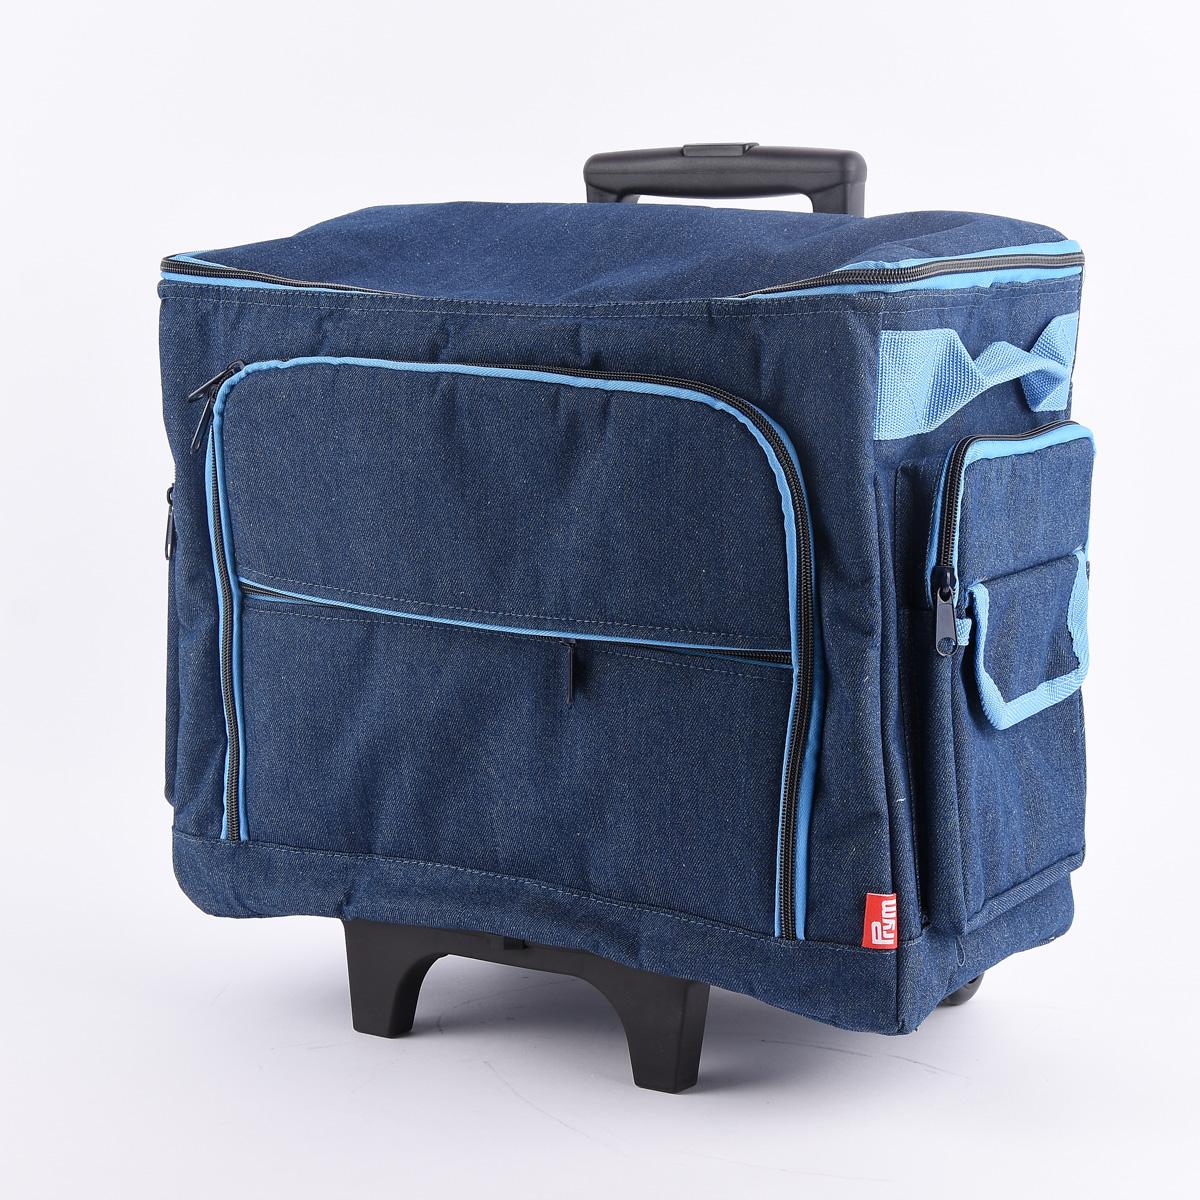 Prym Nähmaschinen Trolley Tasche Jeans blau 44x22x36cm